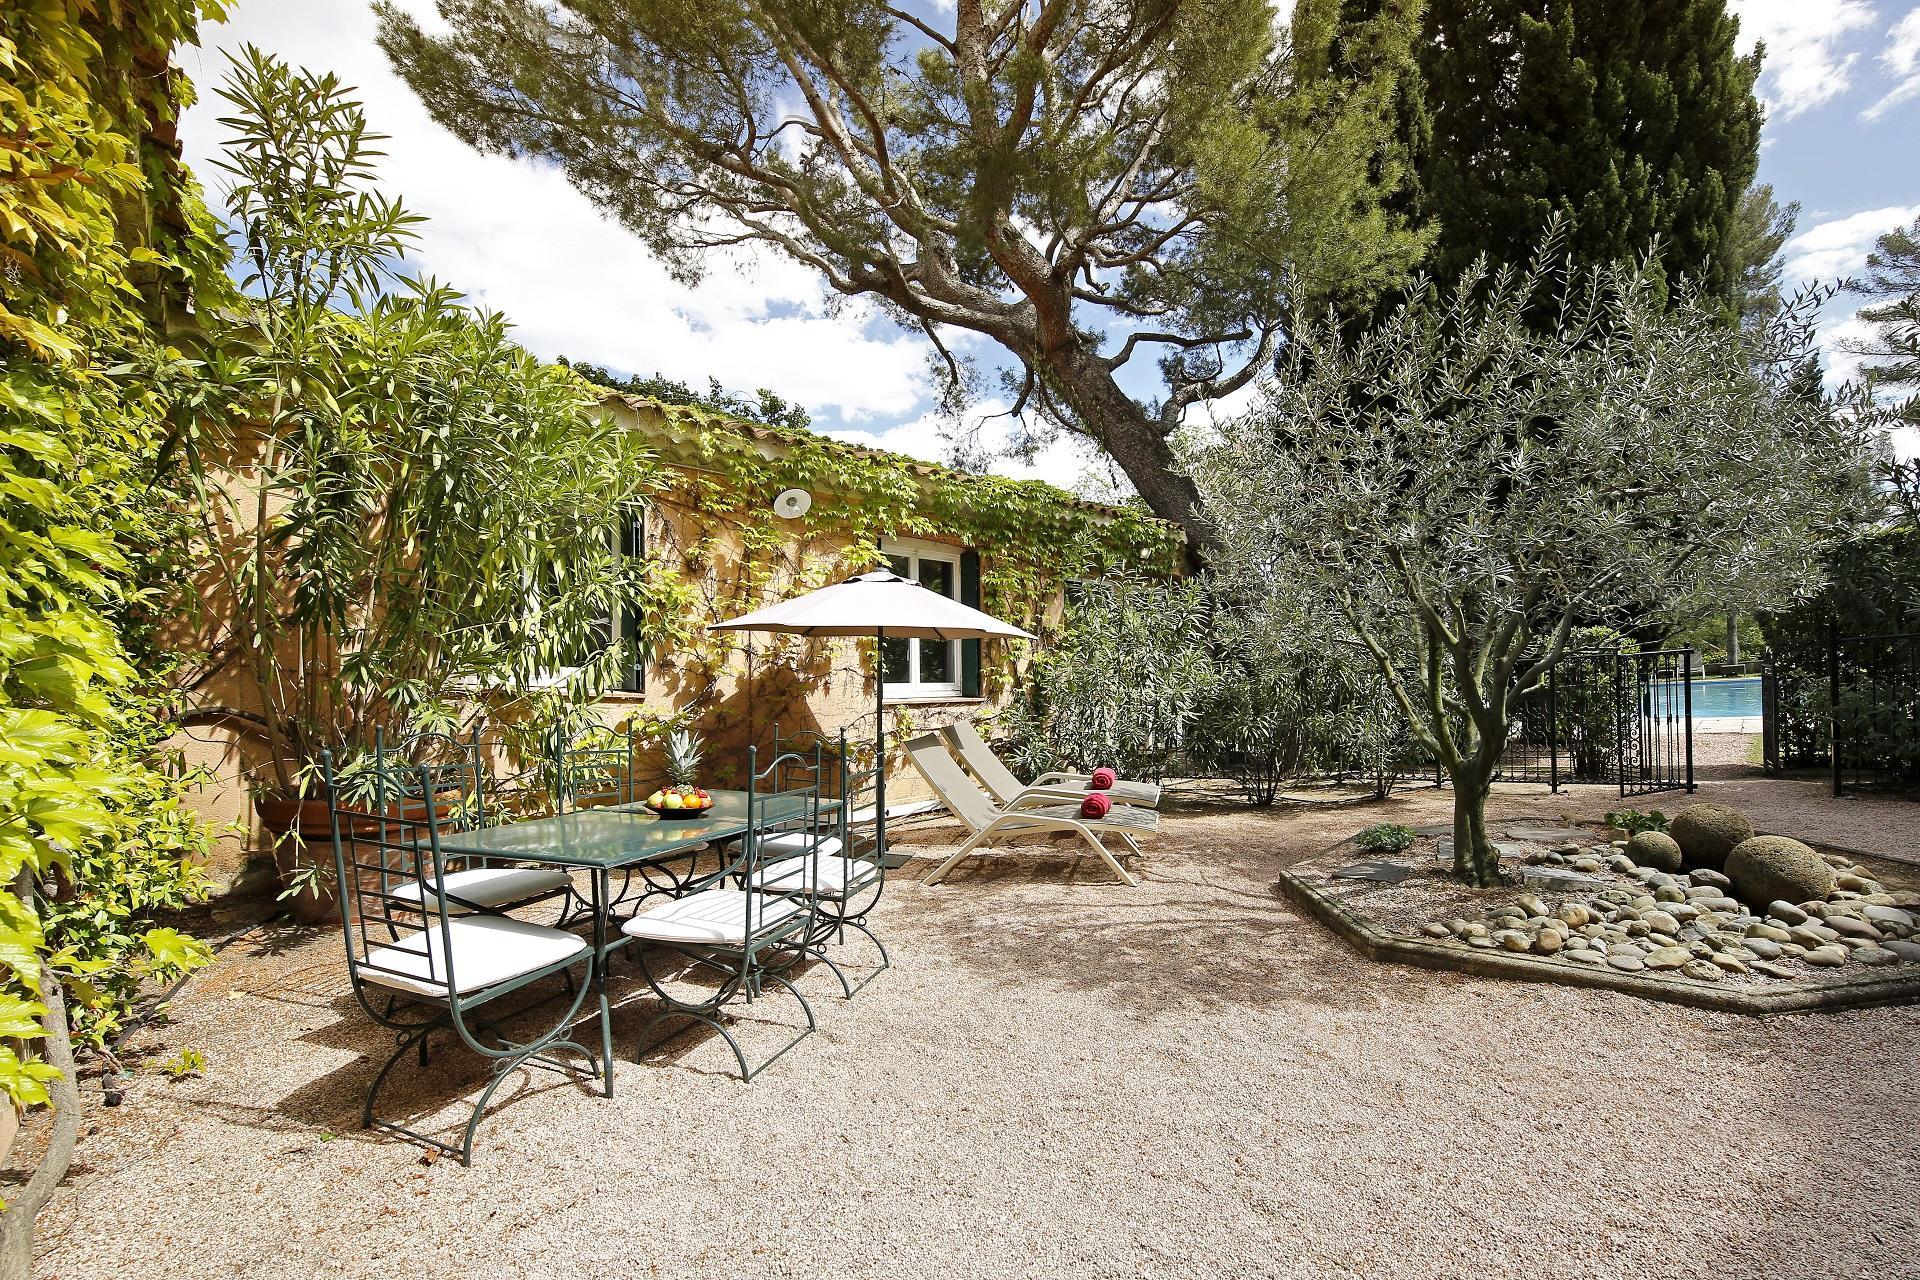 le-pigonnet-aix-en-provence-sainte-victoire-patio-seminaires-de-caractere